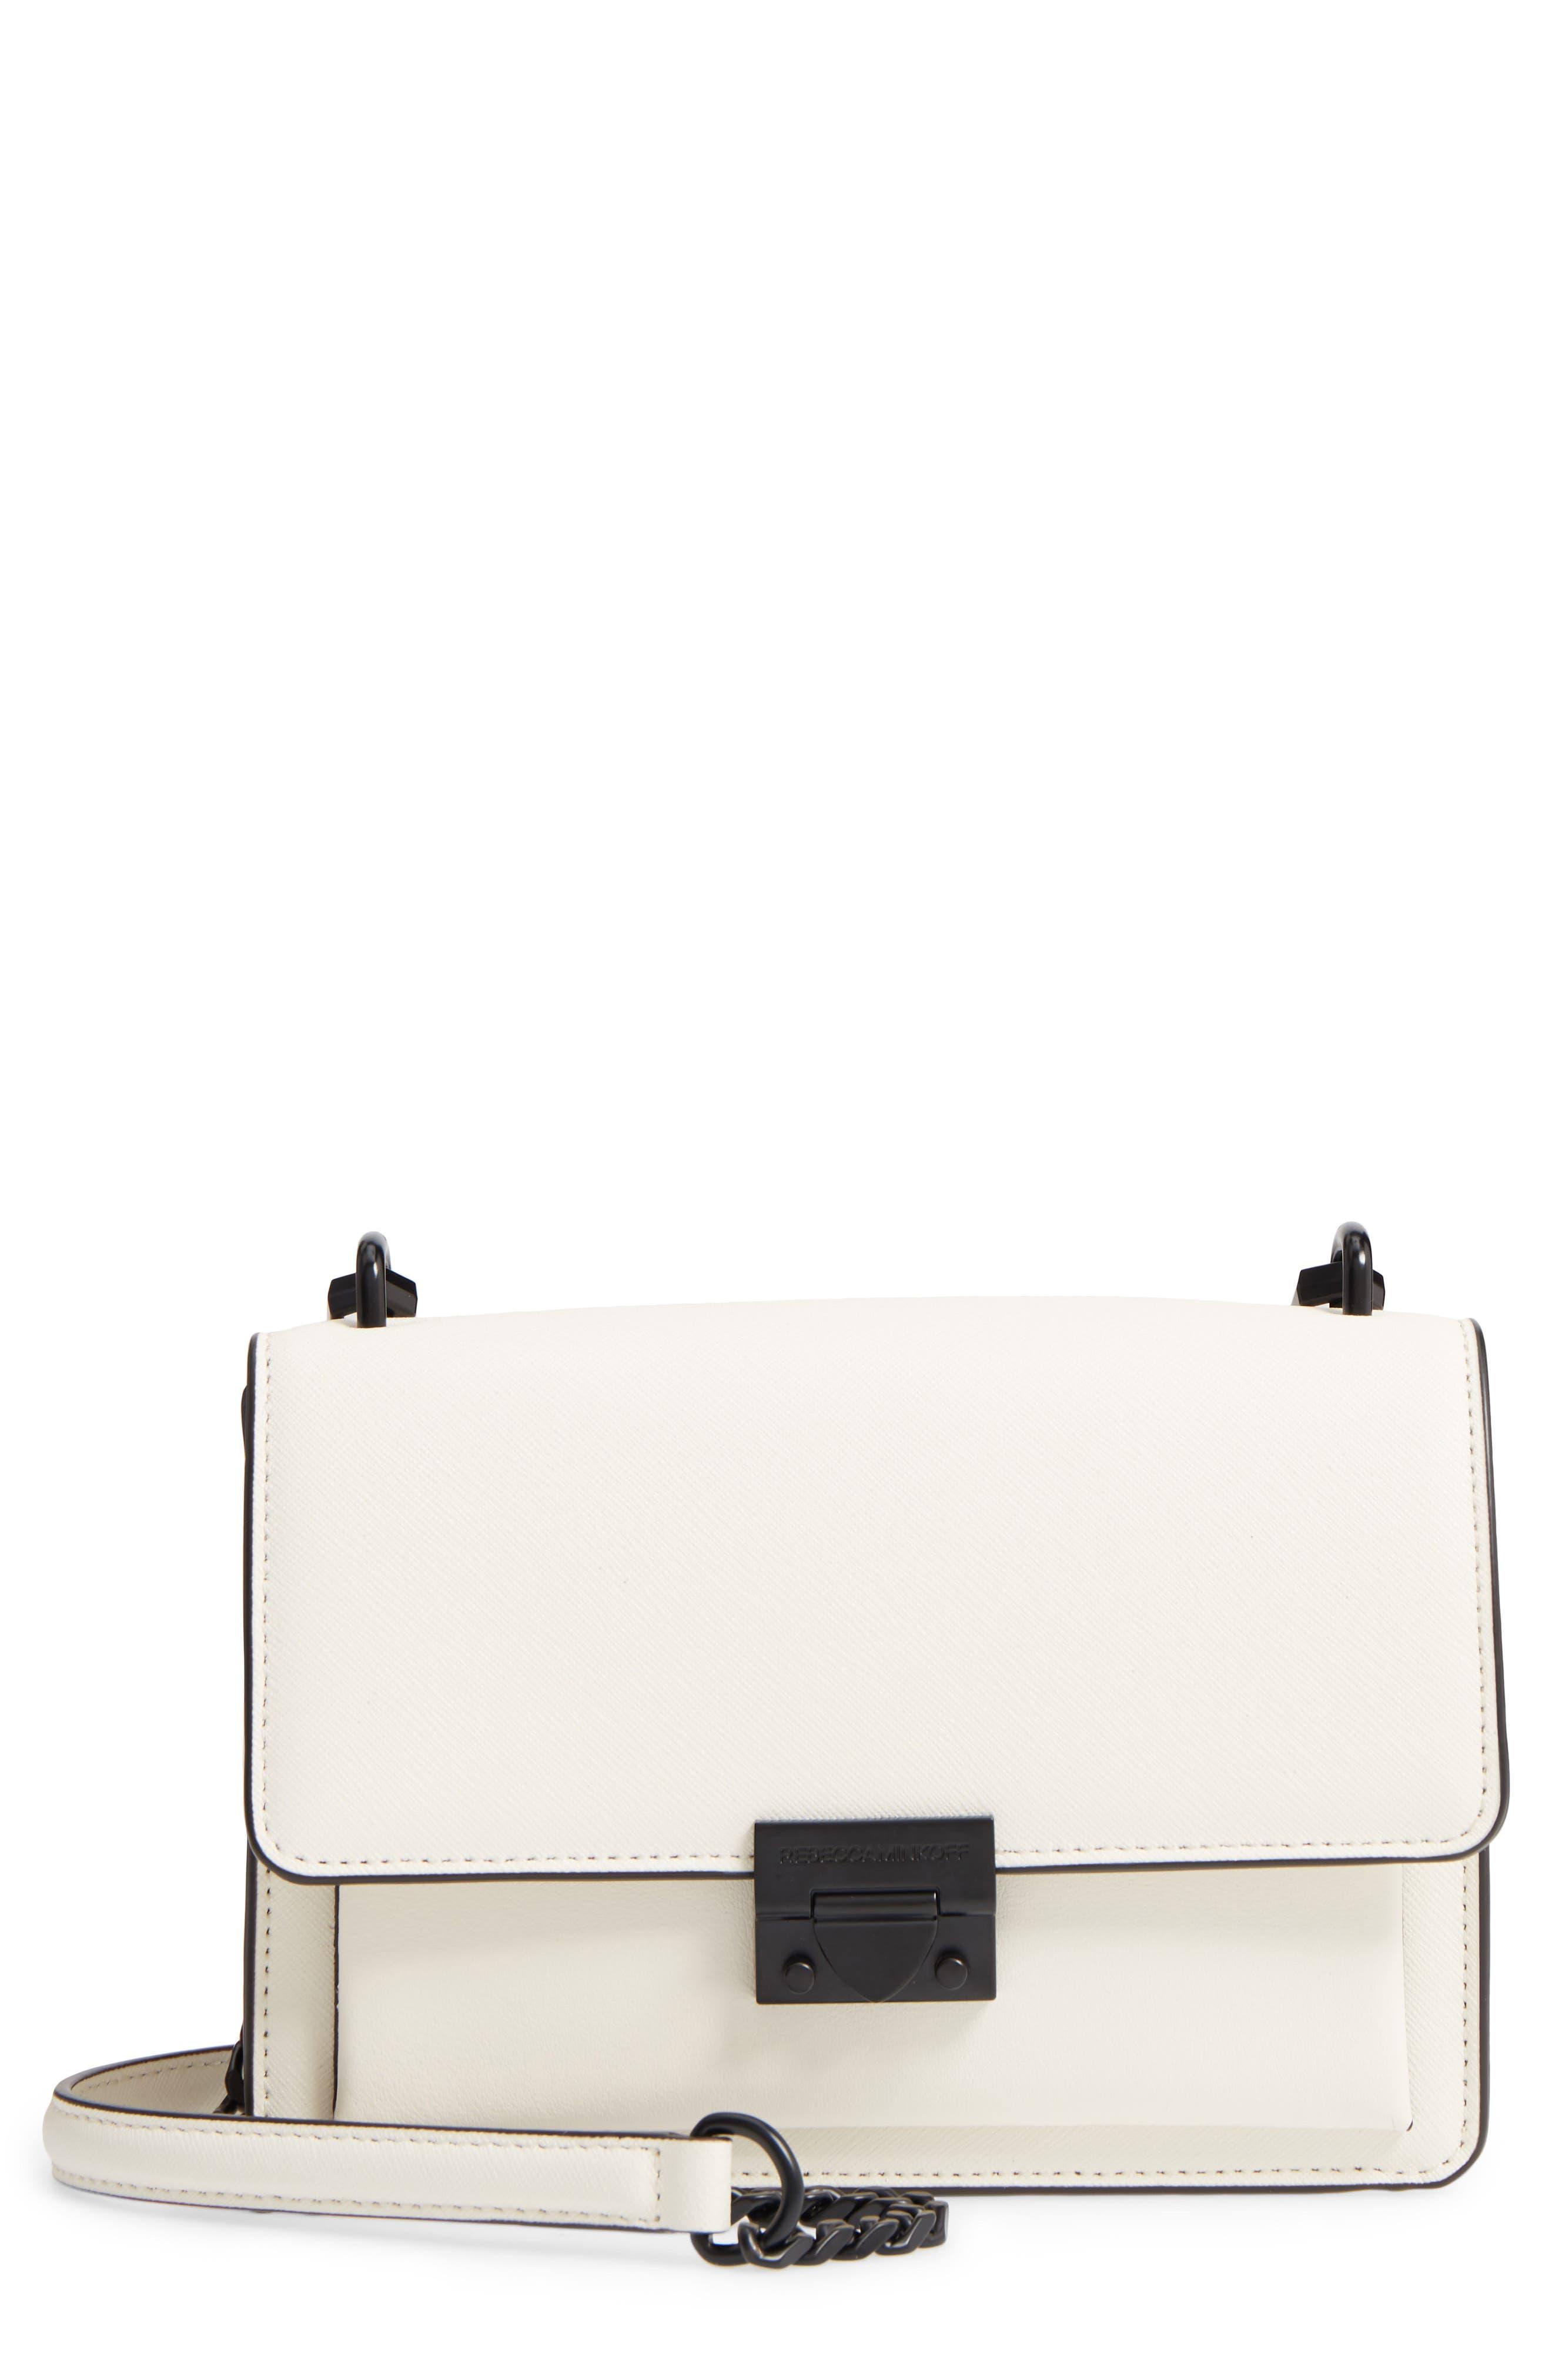 Medium Christy Leather Shoulder Bag,                         Main,                         color,